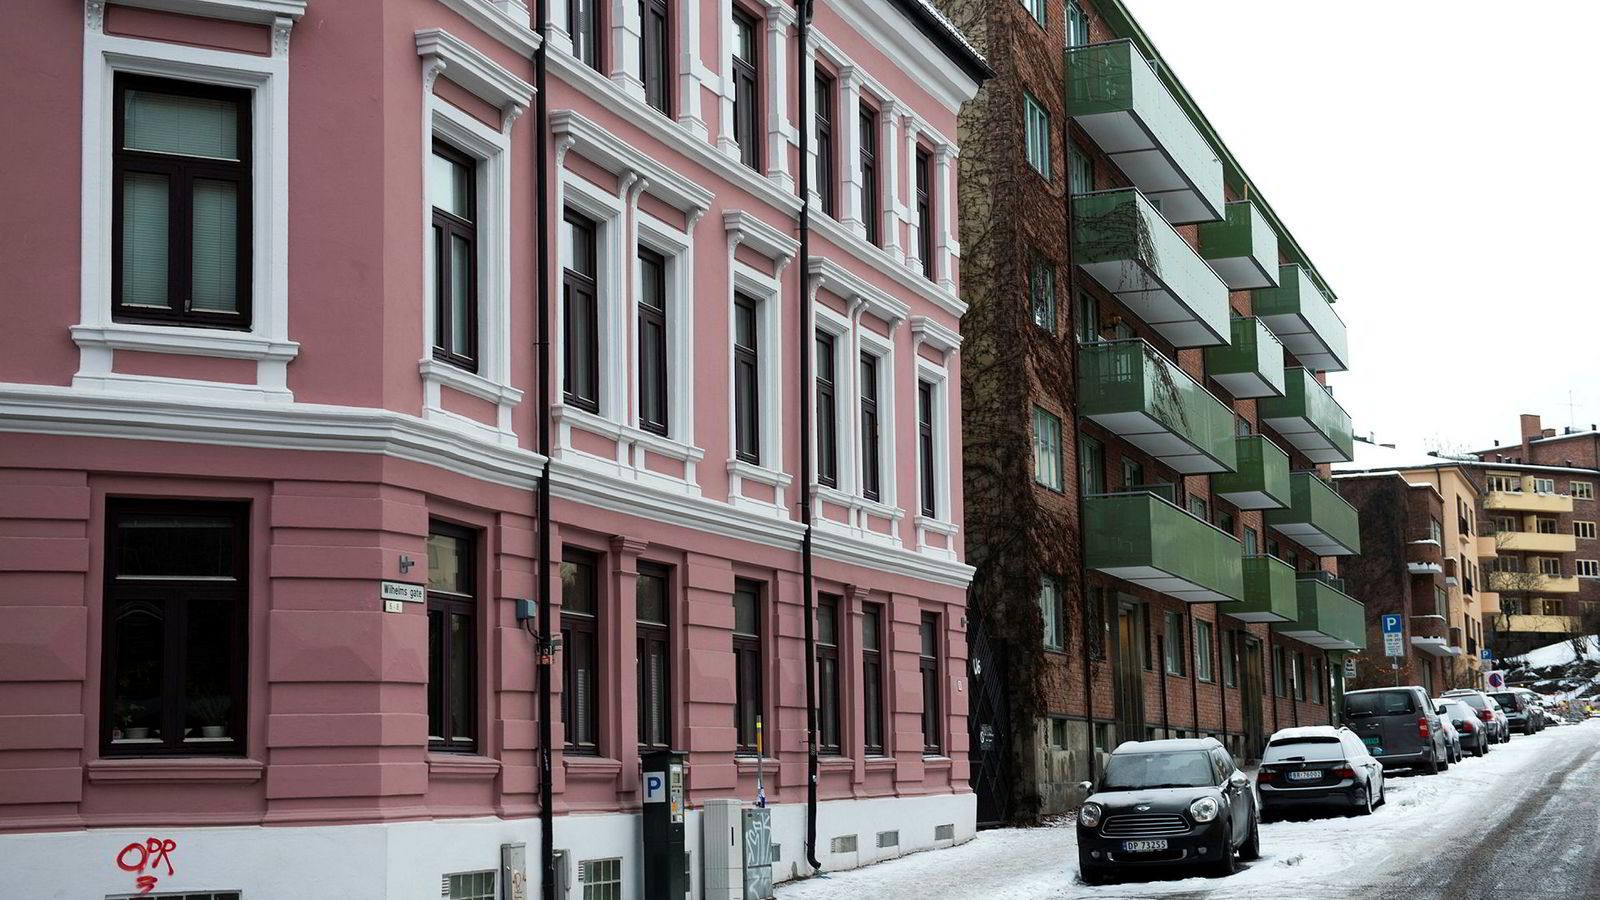 Eiendom Norge venter en oppgang i de nominelle prisene i de fleste store byene i Norge, noe som i sum vil gi en moderat oppgang i boligprisene i landet under ett i 2019. Her fra Bislett i Oslo.